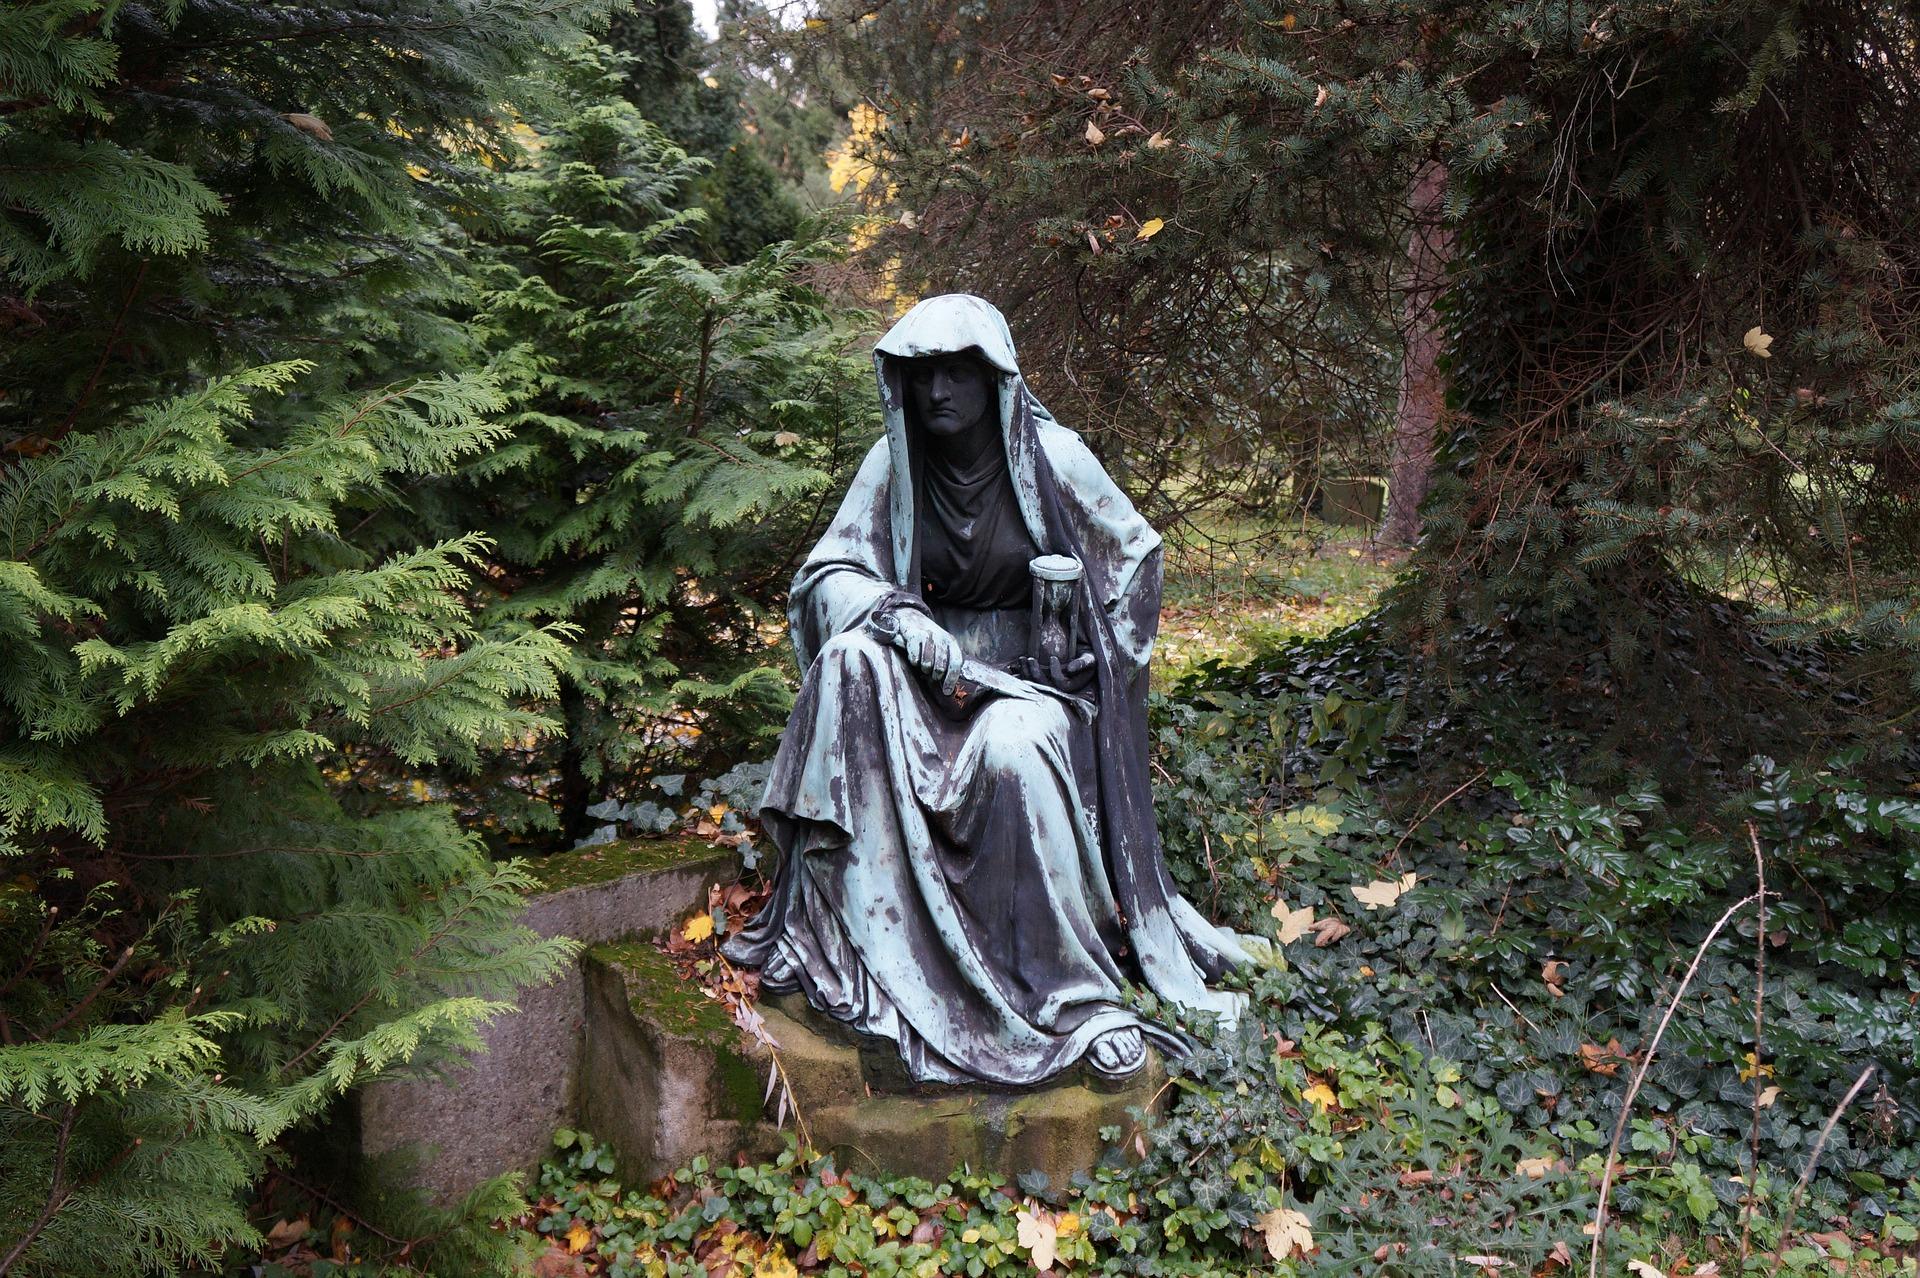 Kupferstatue mit Sanduhr im Wald